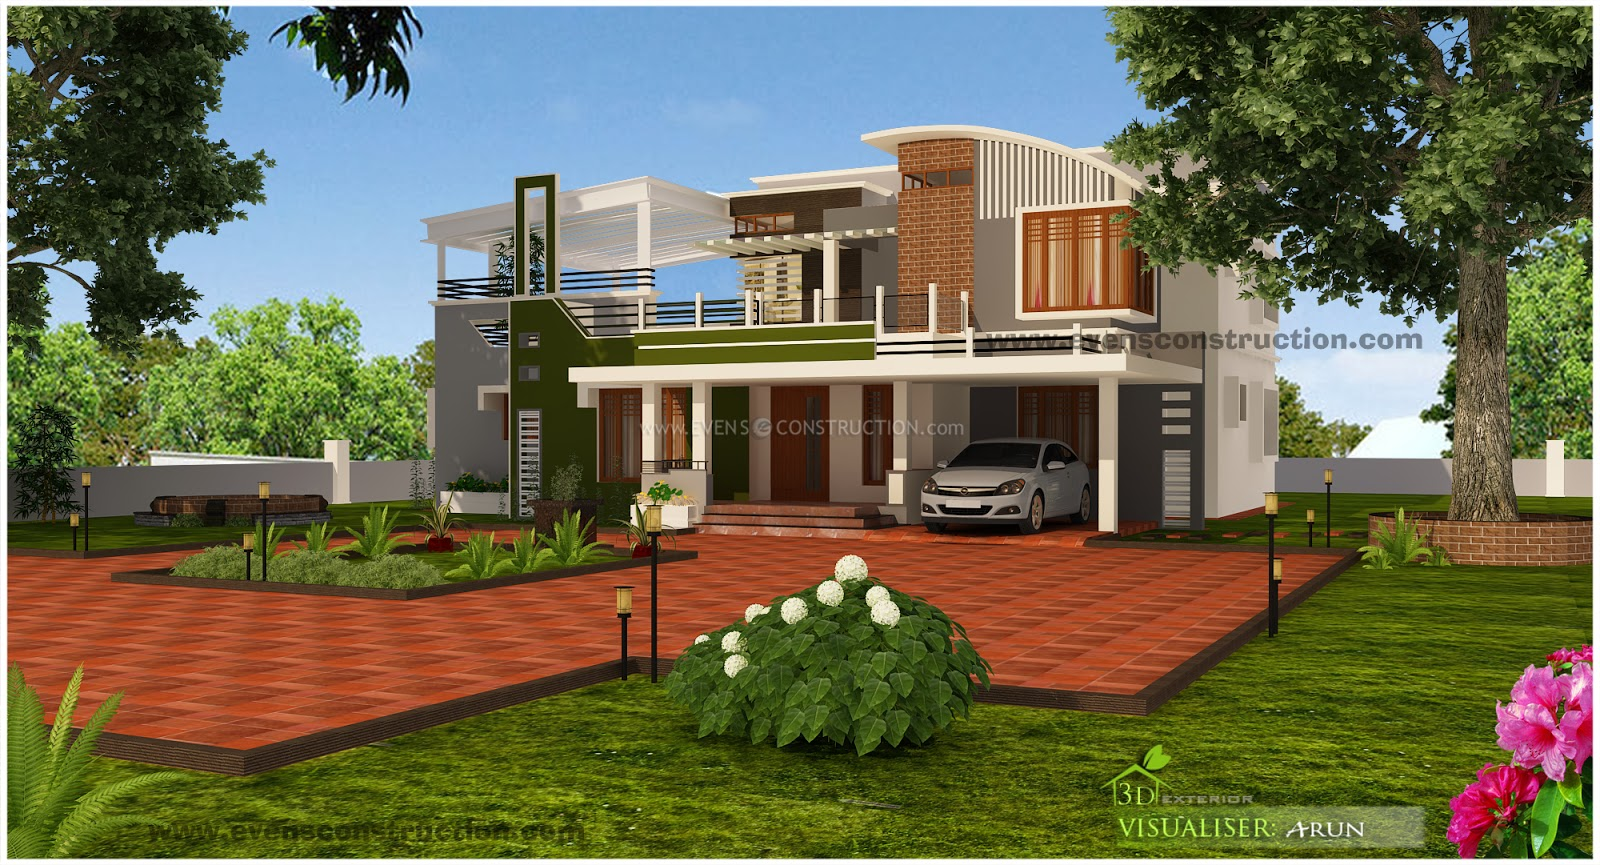 Evens construction pvt ltd unique contemporary luxury for Unique modern house exterior